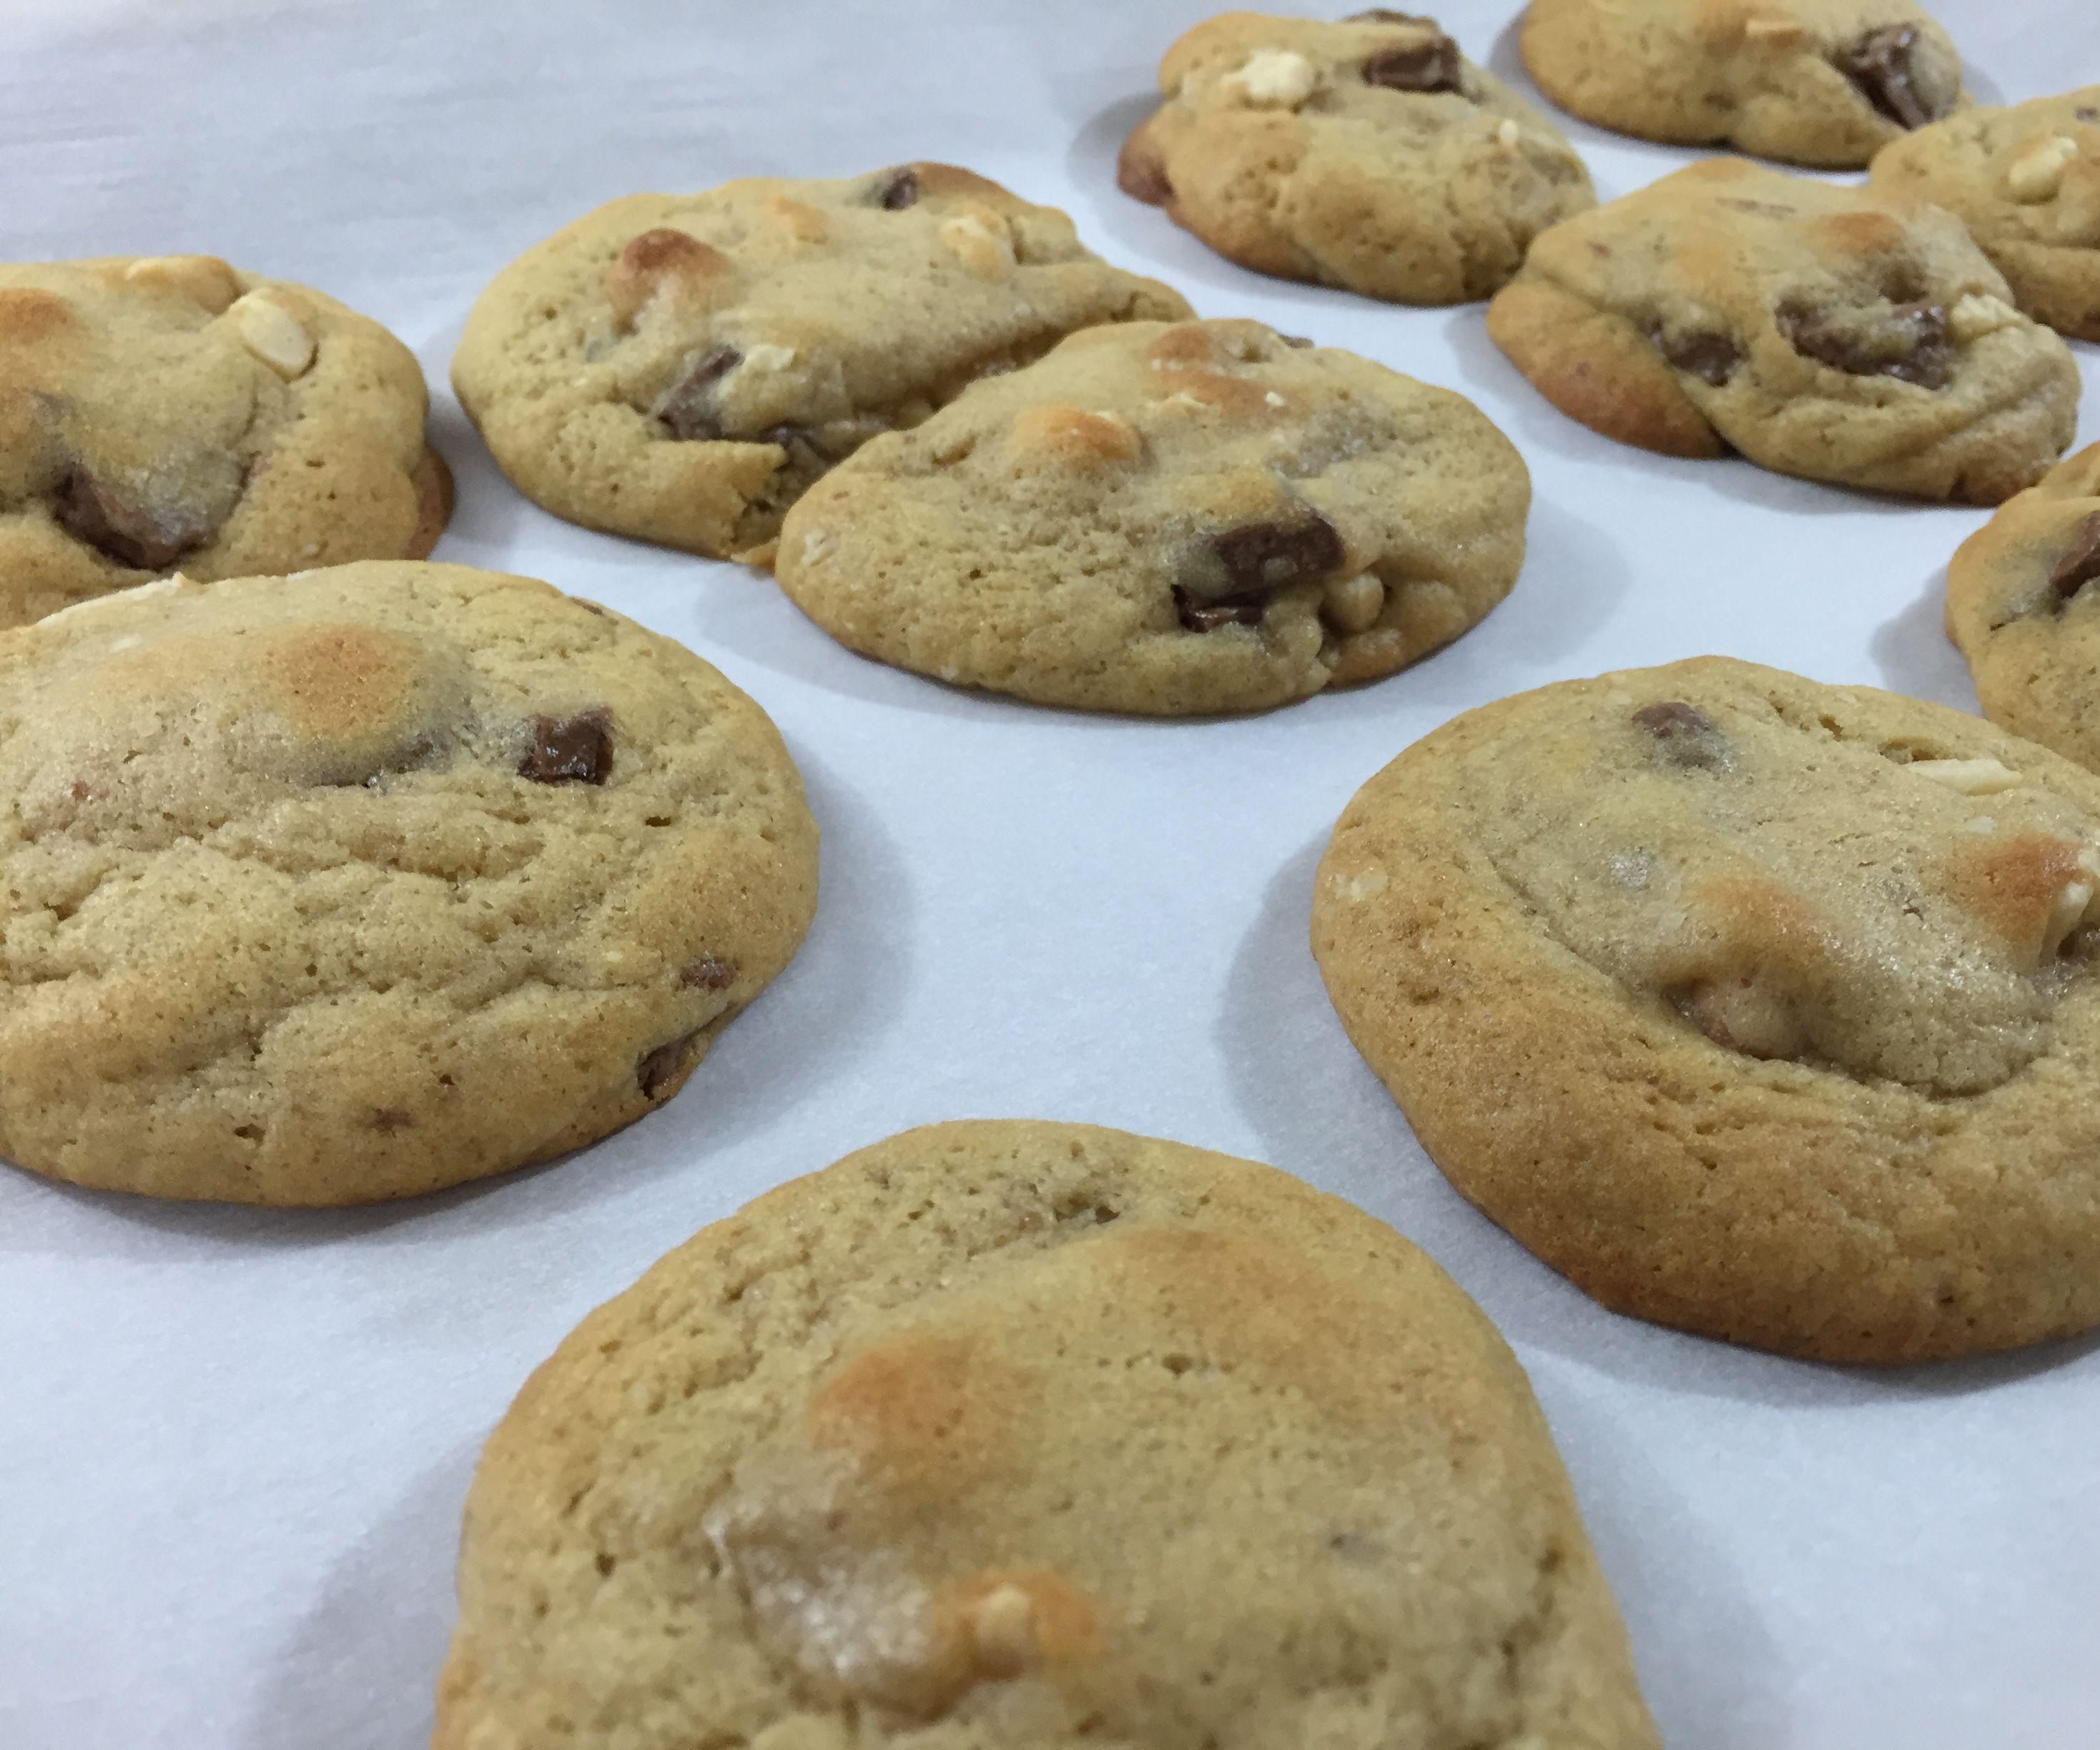 Professional Tasting Macadamia Cookies